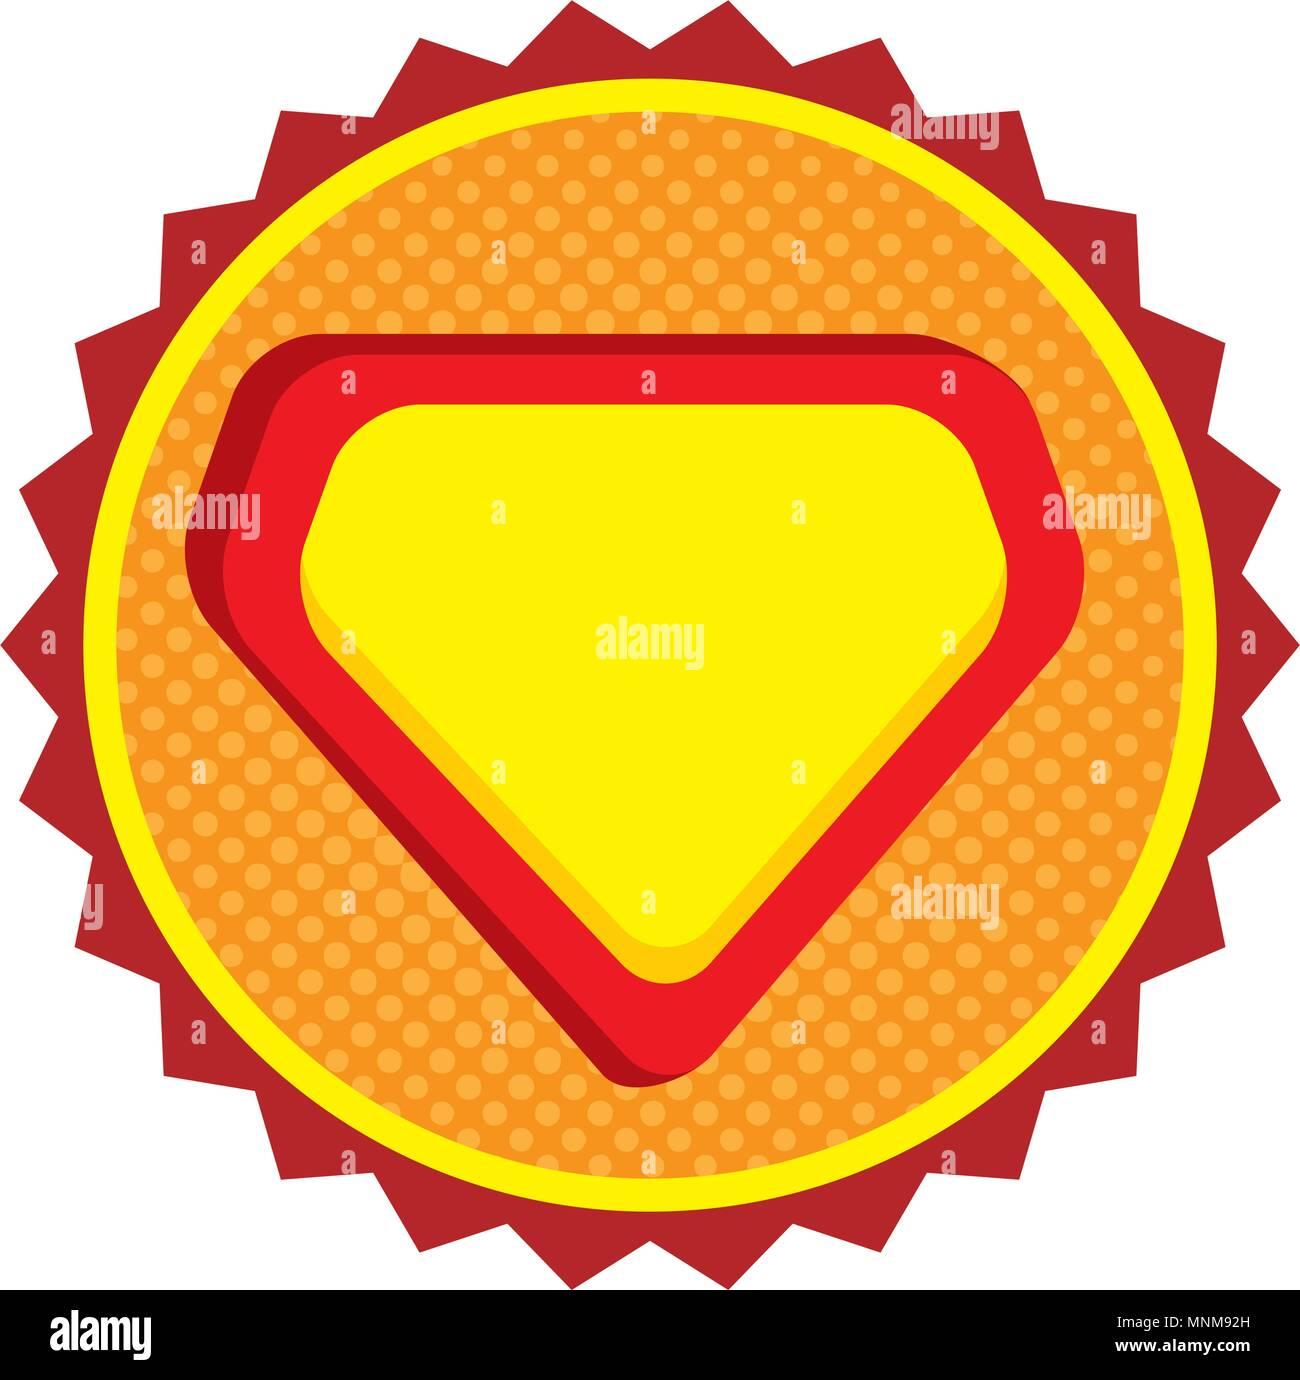 super hero shield emblem - Stock Vector